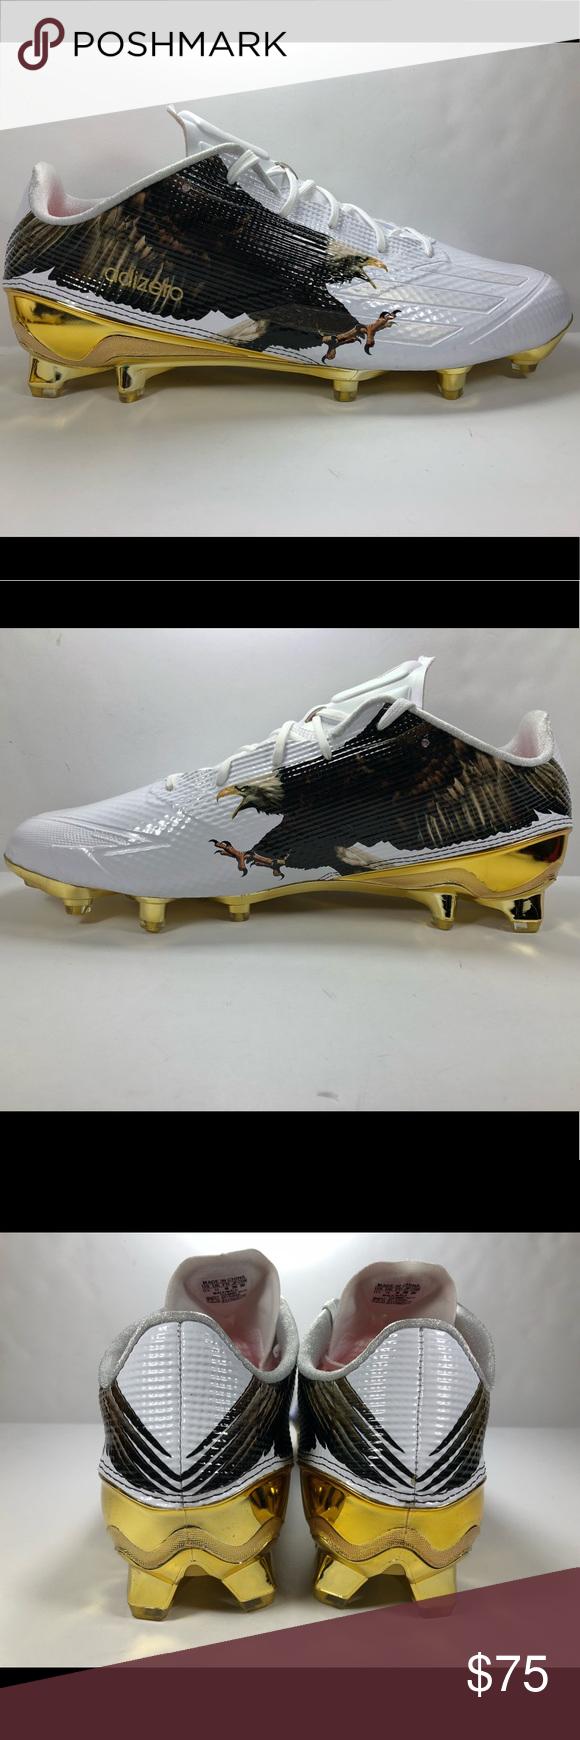 pretty nice baf2e 80581 Adidas Adizero 5-Star 5.0 Uncaged Football Cleat